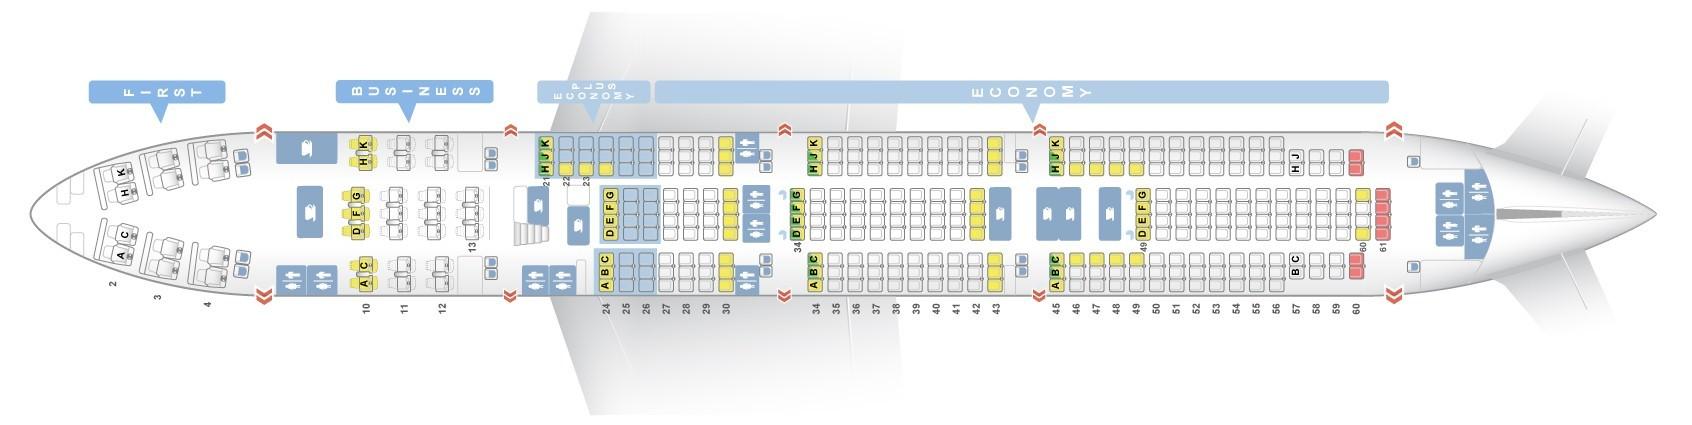 Seat Map Boeing 747 400 El Al Best Seats In The Plane